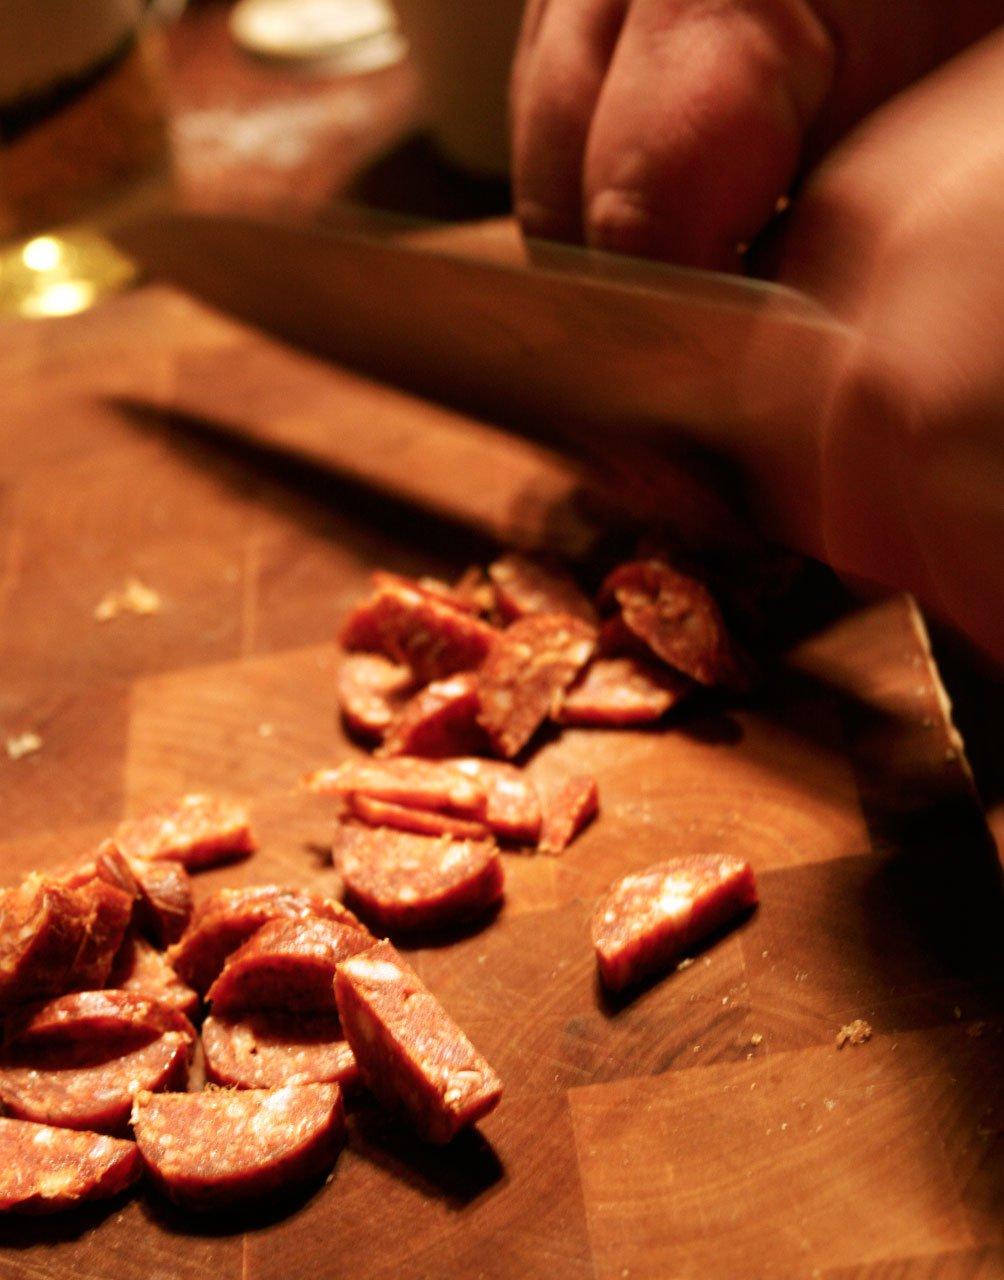 Chorizo igang med at blive skåret